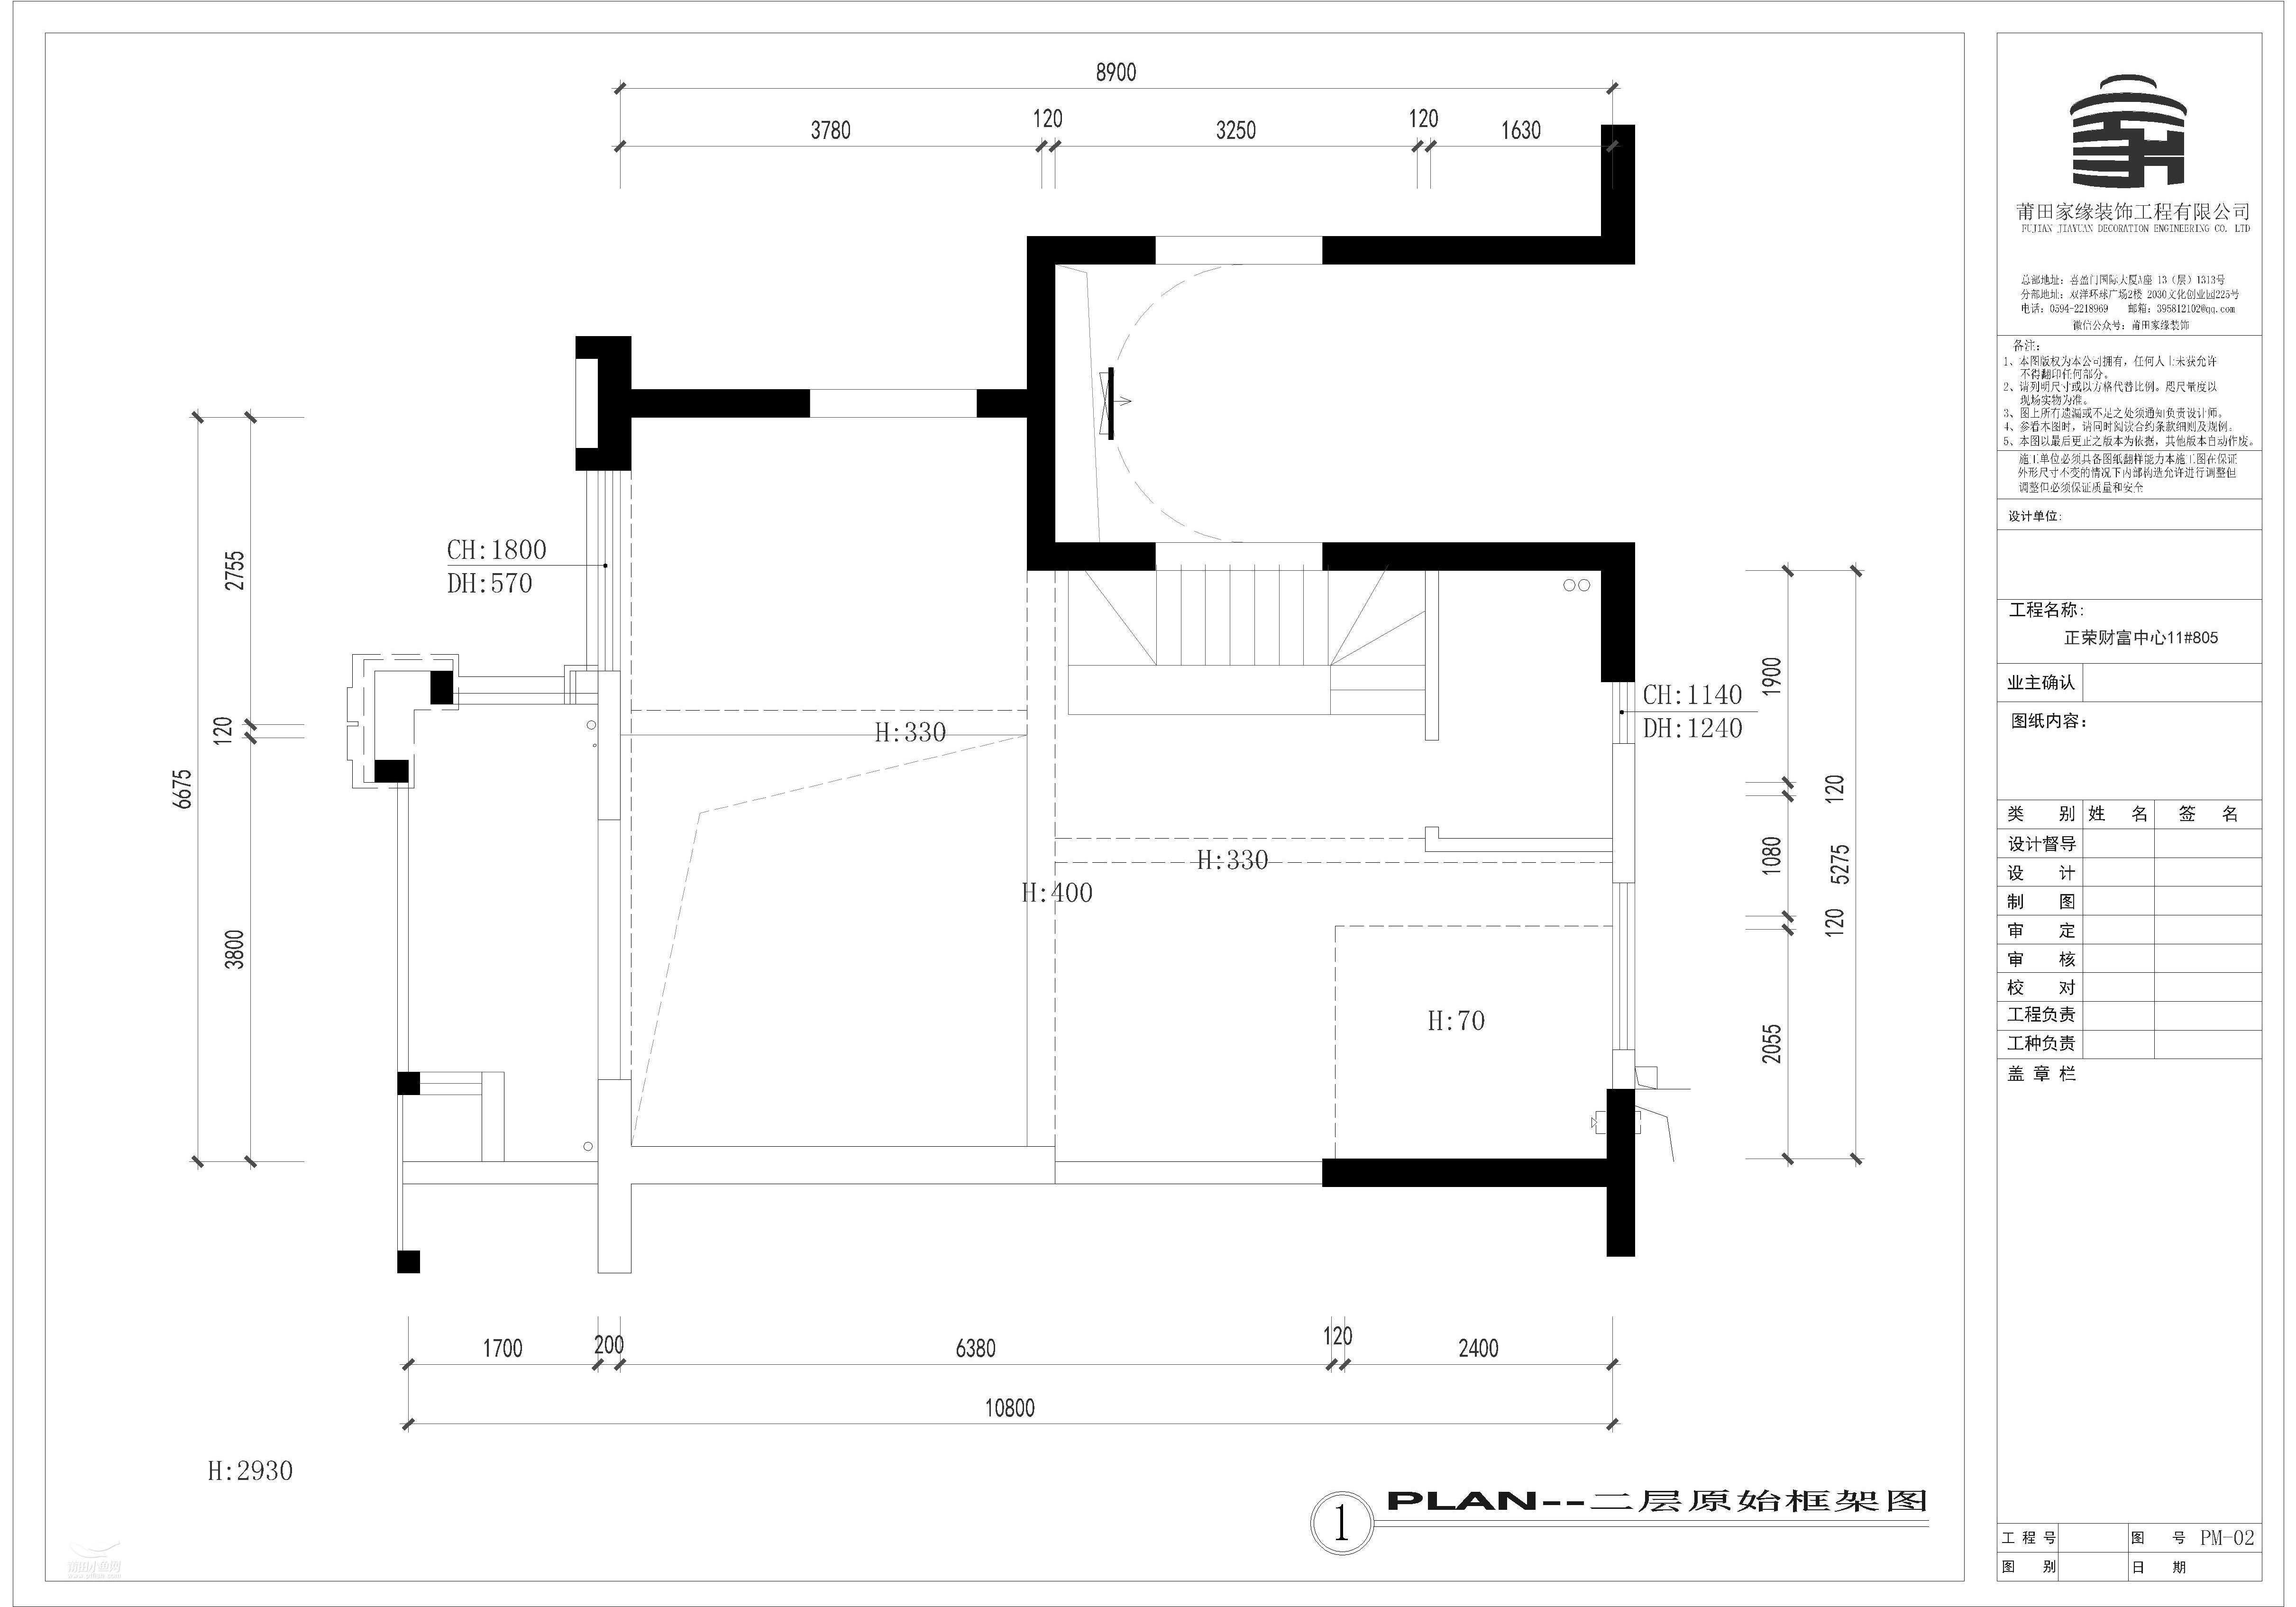 正荣润城 二层平面布置图.jpg